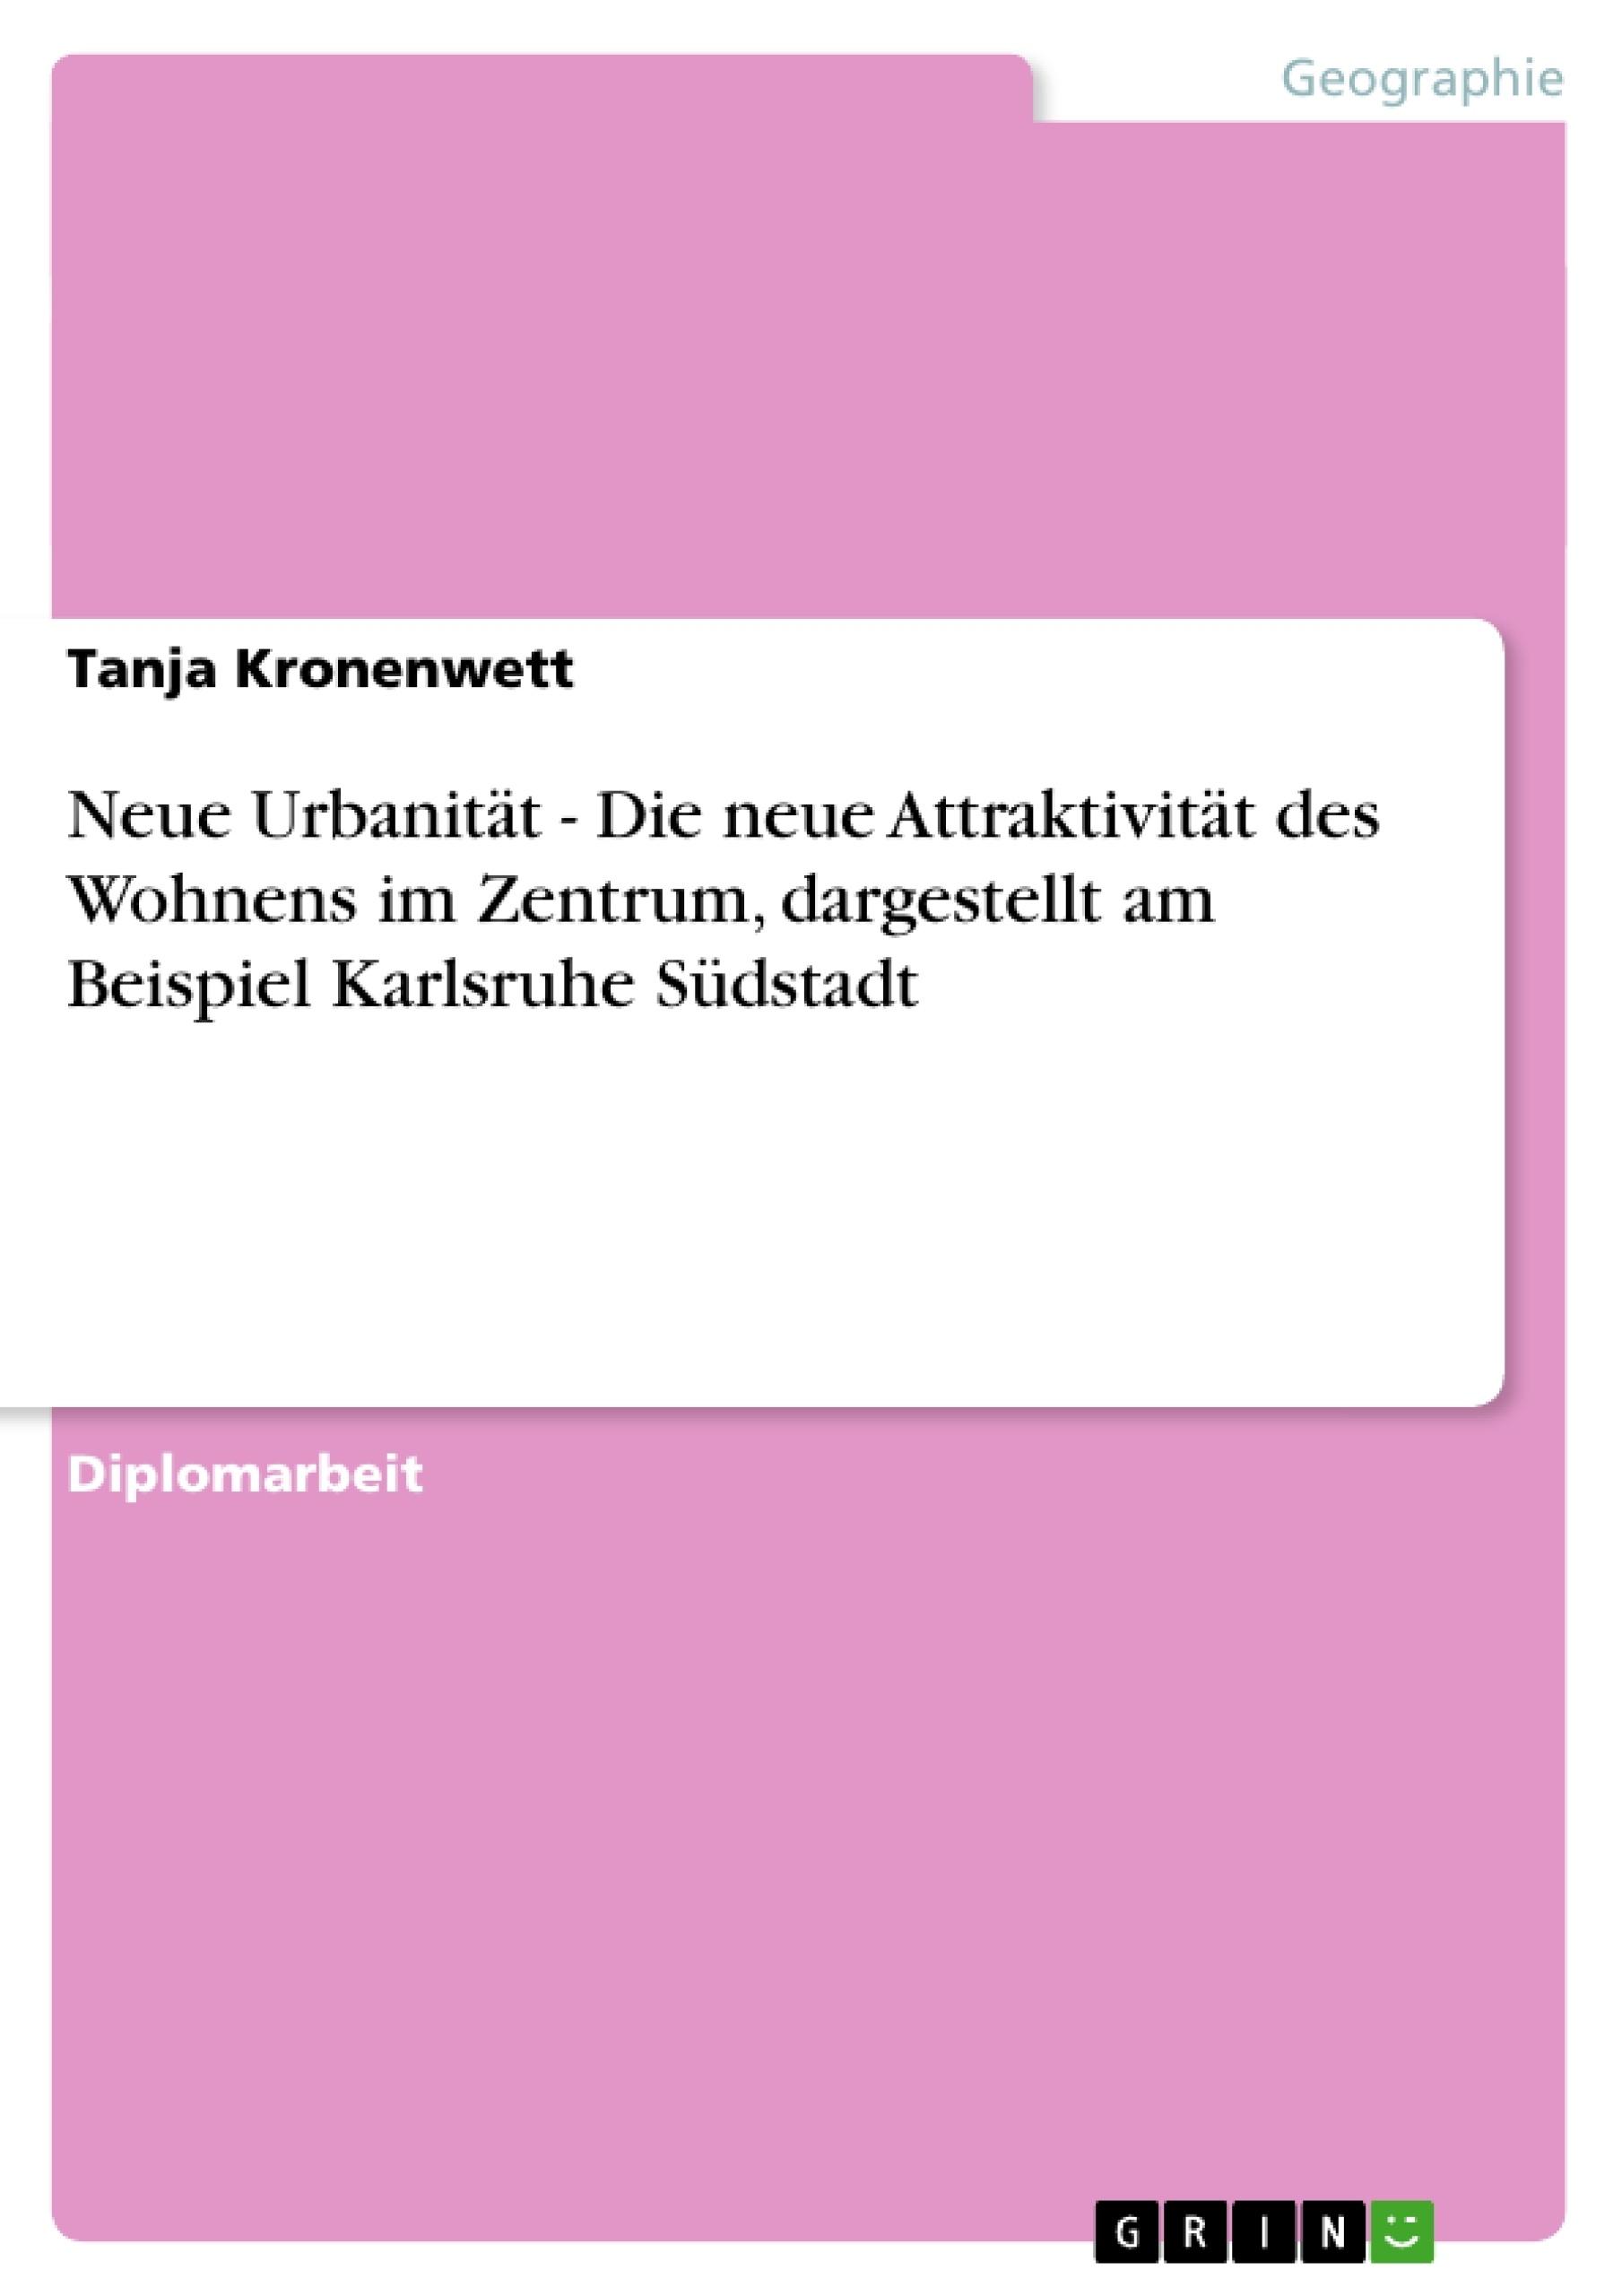 Titel: Neue Urbanität - Die neue Attraktivität des Wohnens im Zentrum, dargestellt am Beispiel Karlsruhe Südstadt